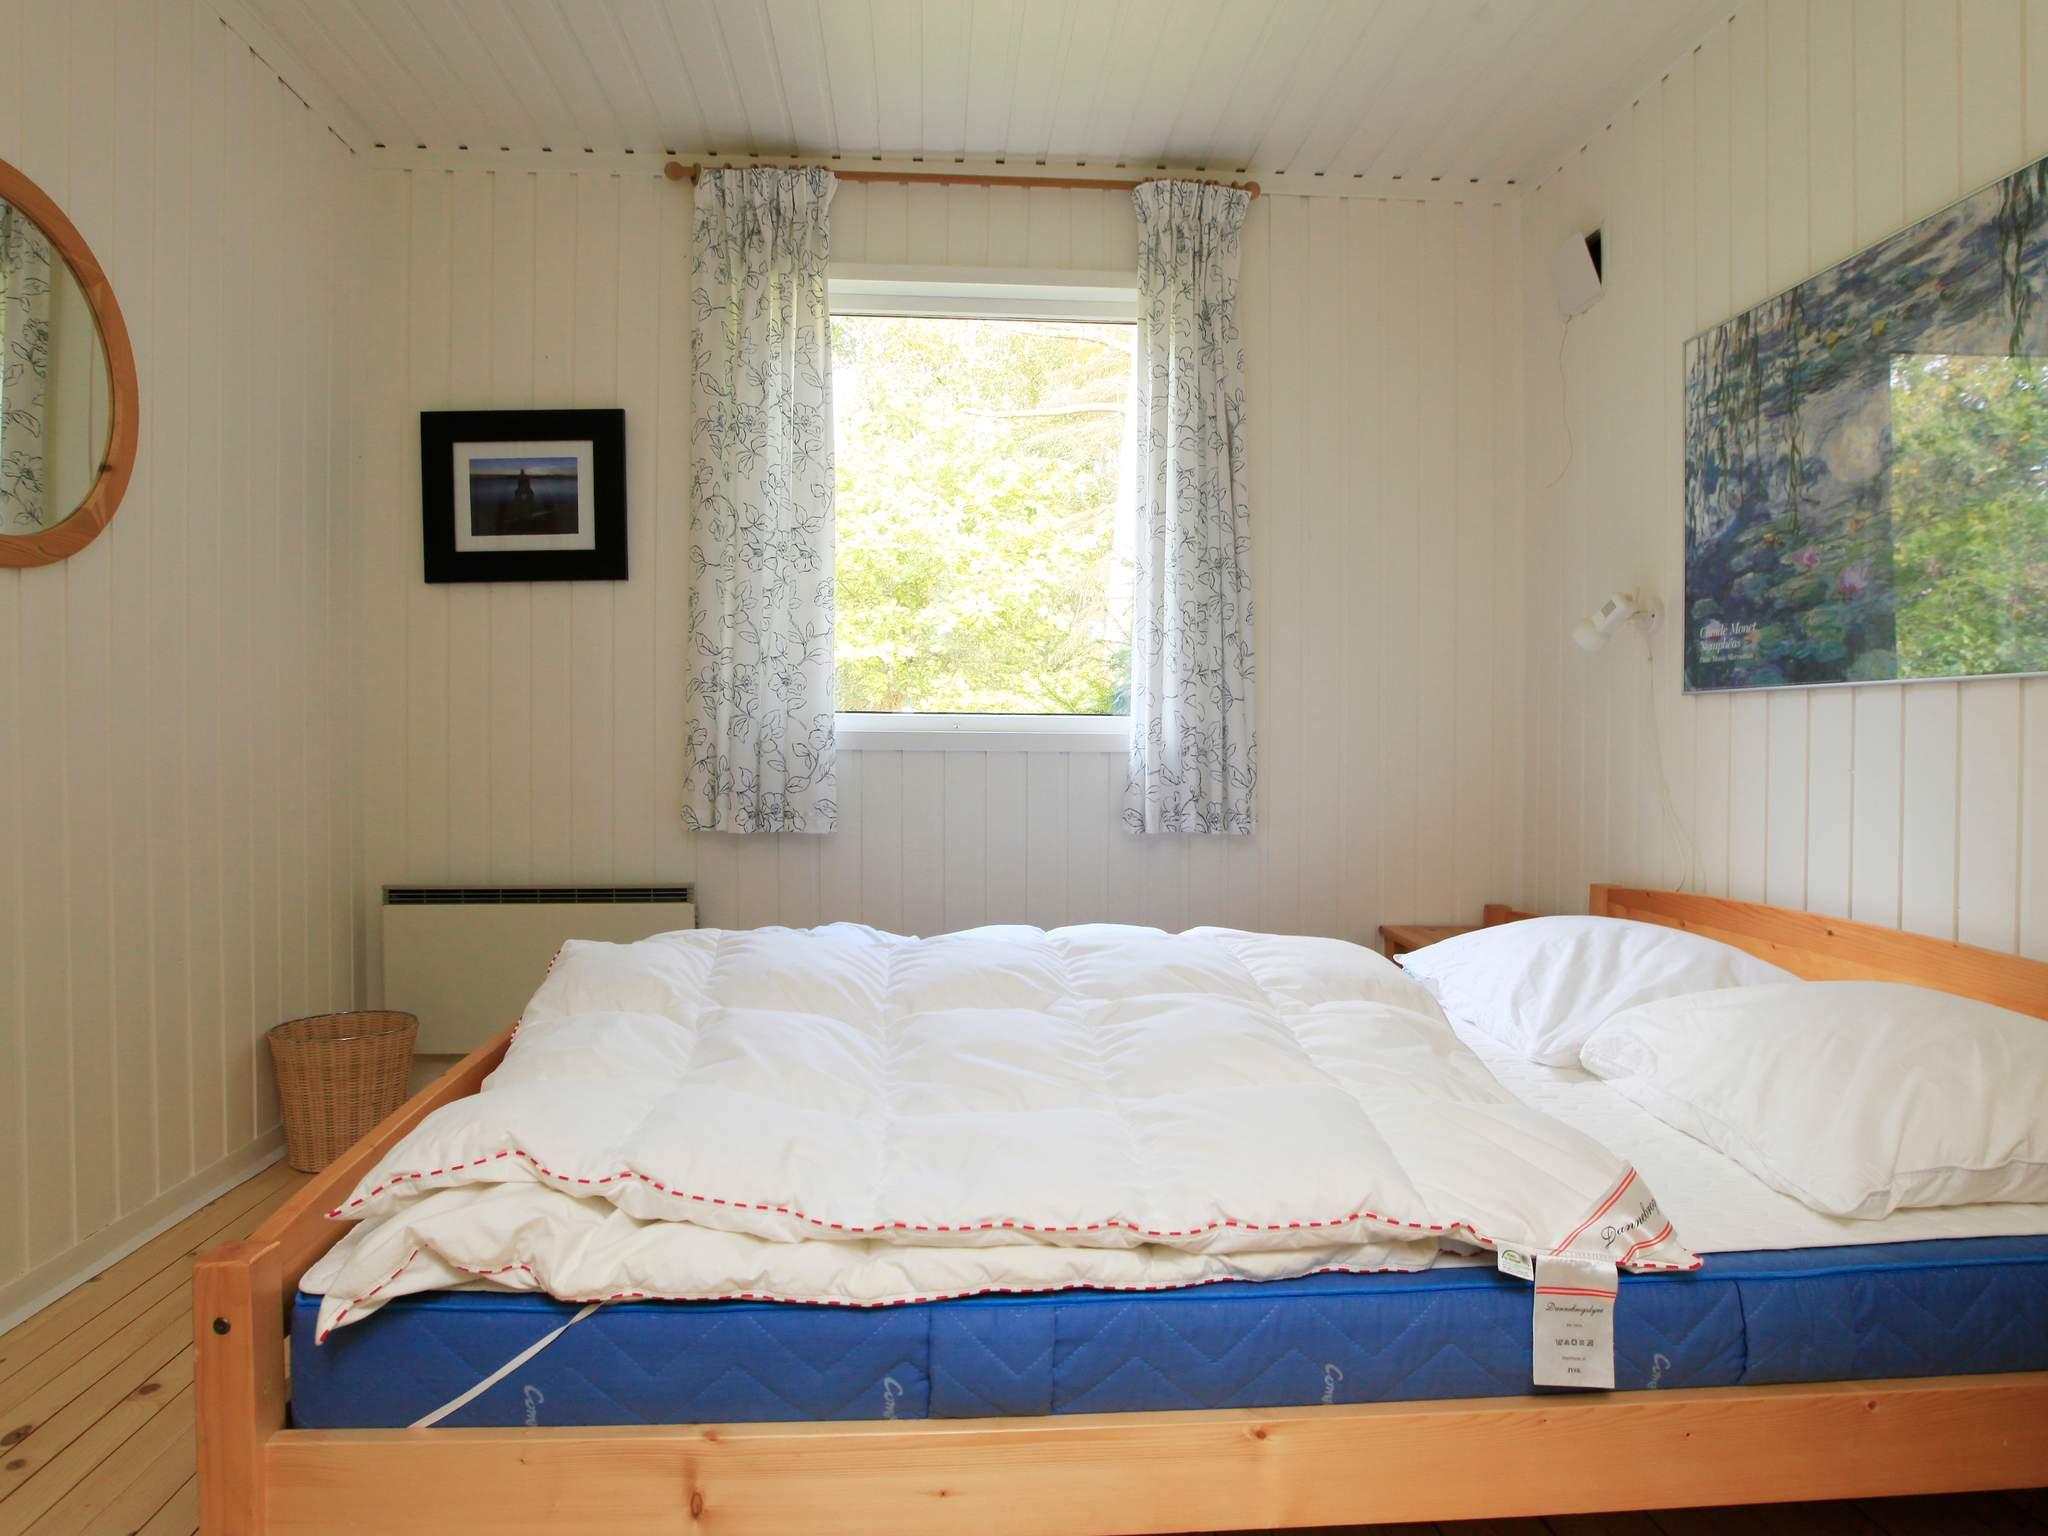 Ferienhaus Udsholt Strand (87426), Udsholt, , Nordseeland, Dänemark, Bild 11